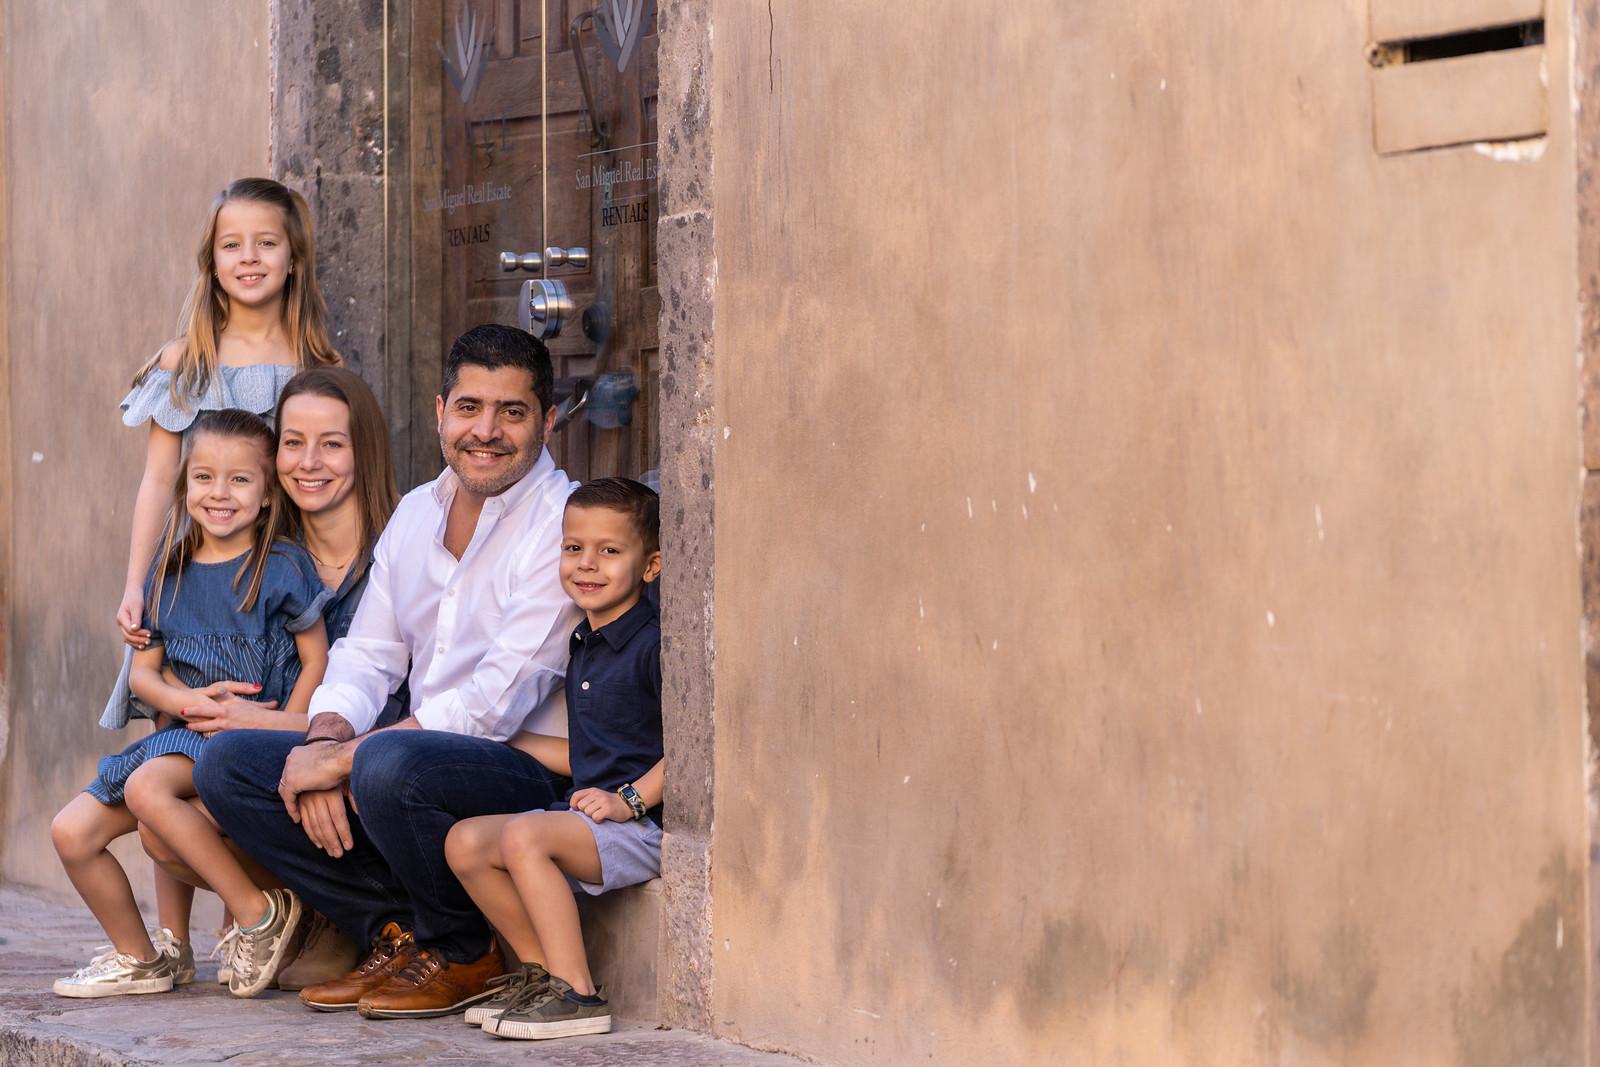 Sesion de Fotos Familiar en San Miguel de Allende con Jimena y su Familia-11.jpg